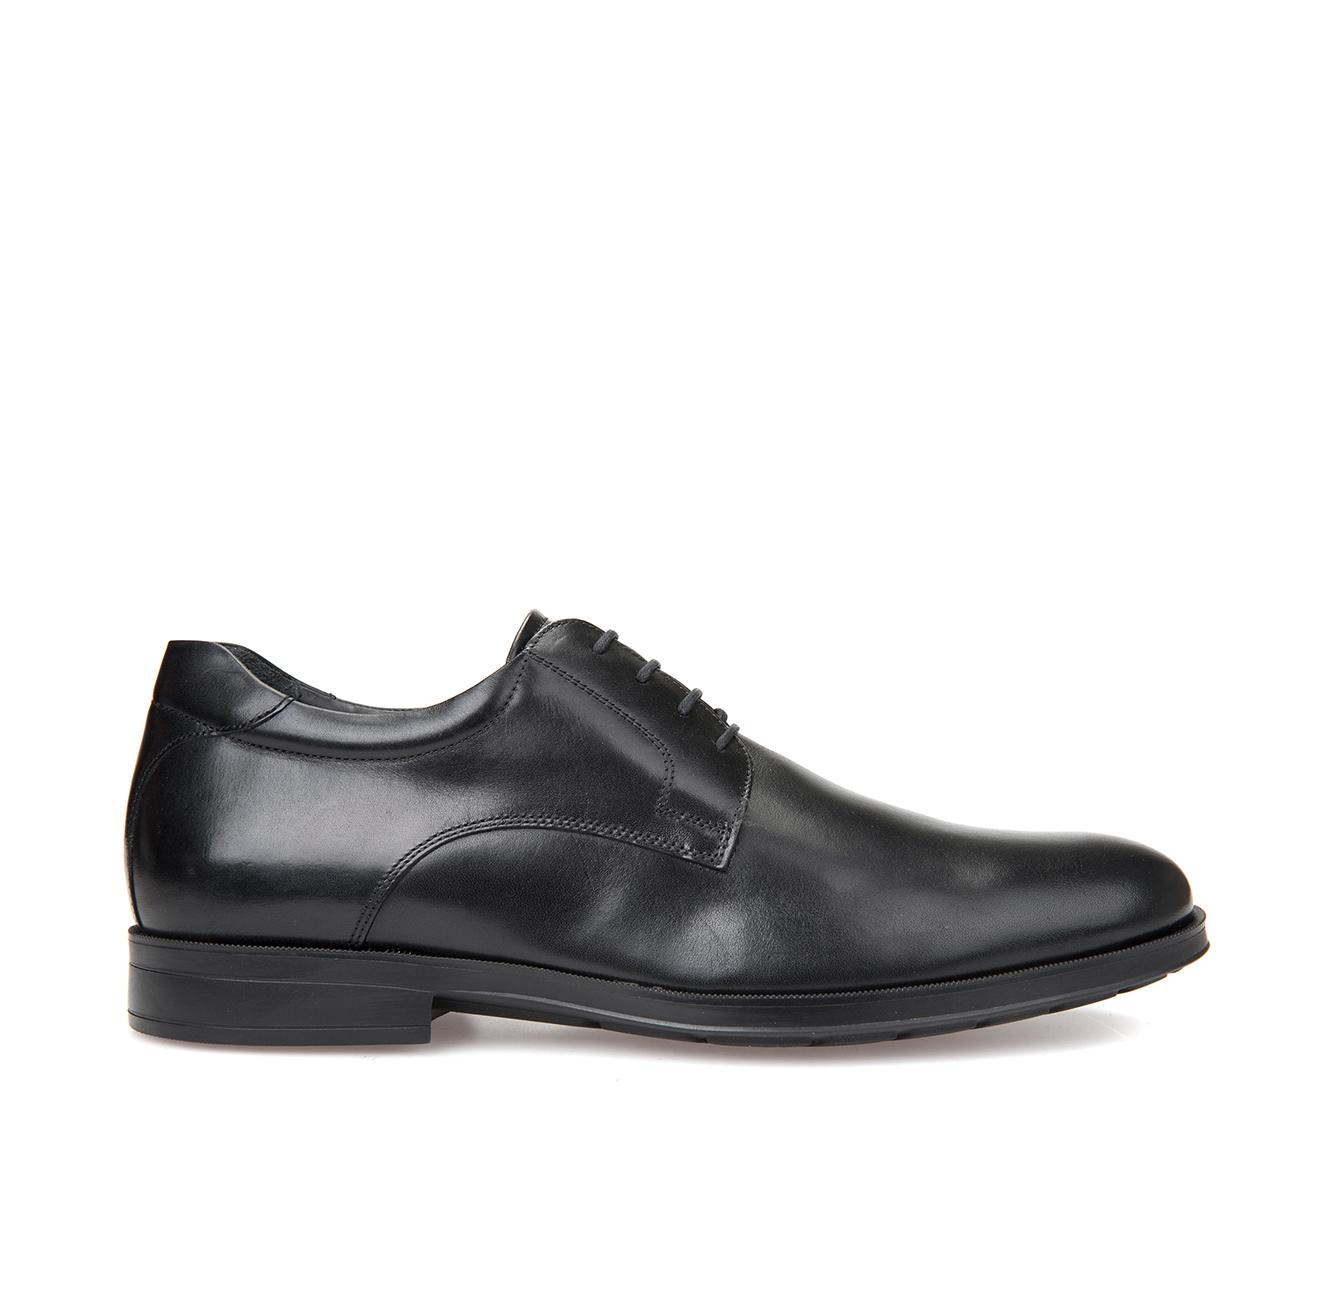 נעלי עור אלגנטיות GEOX - לגבר - צבע לבחירה